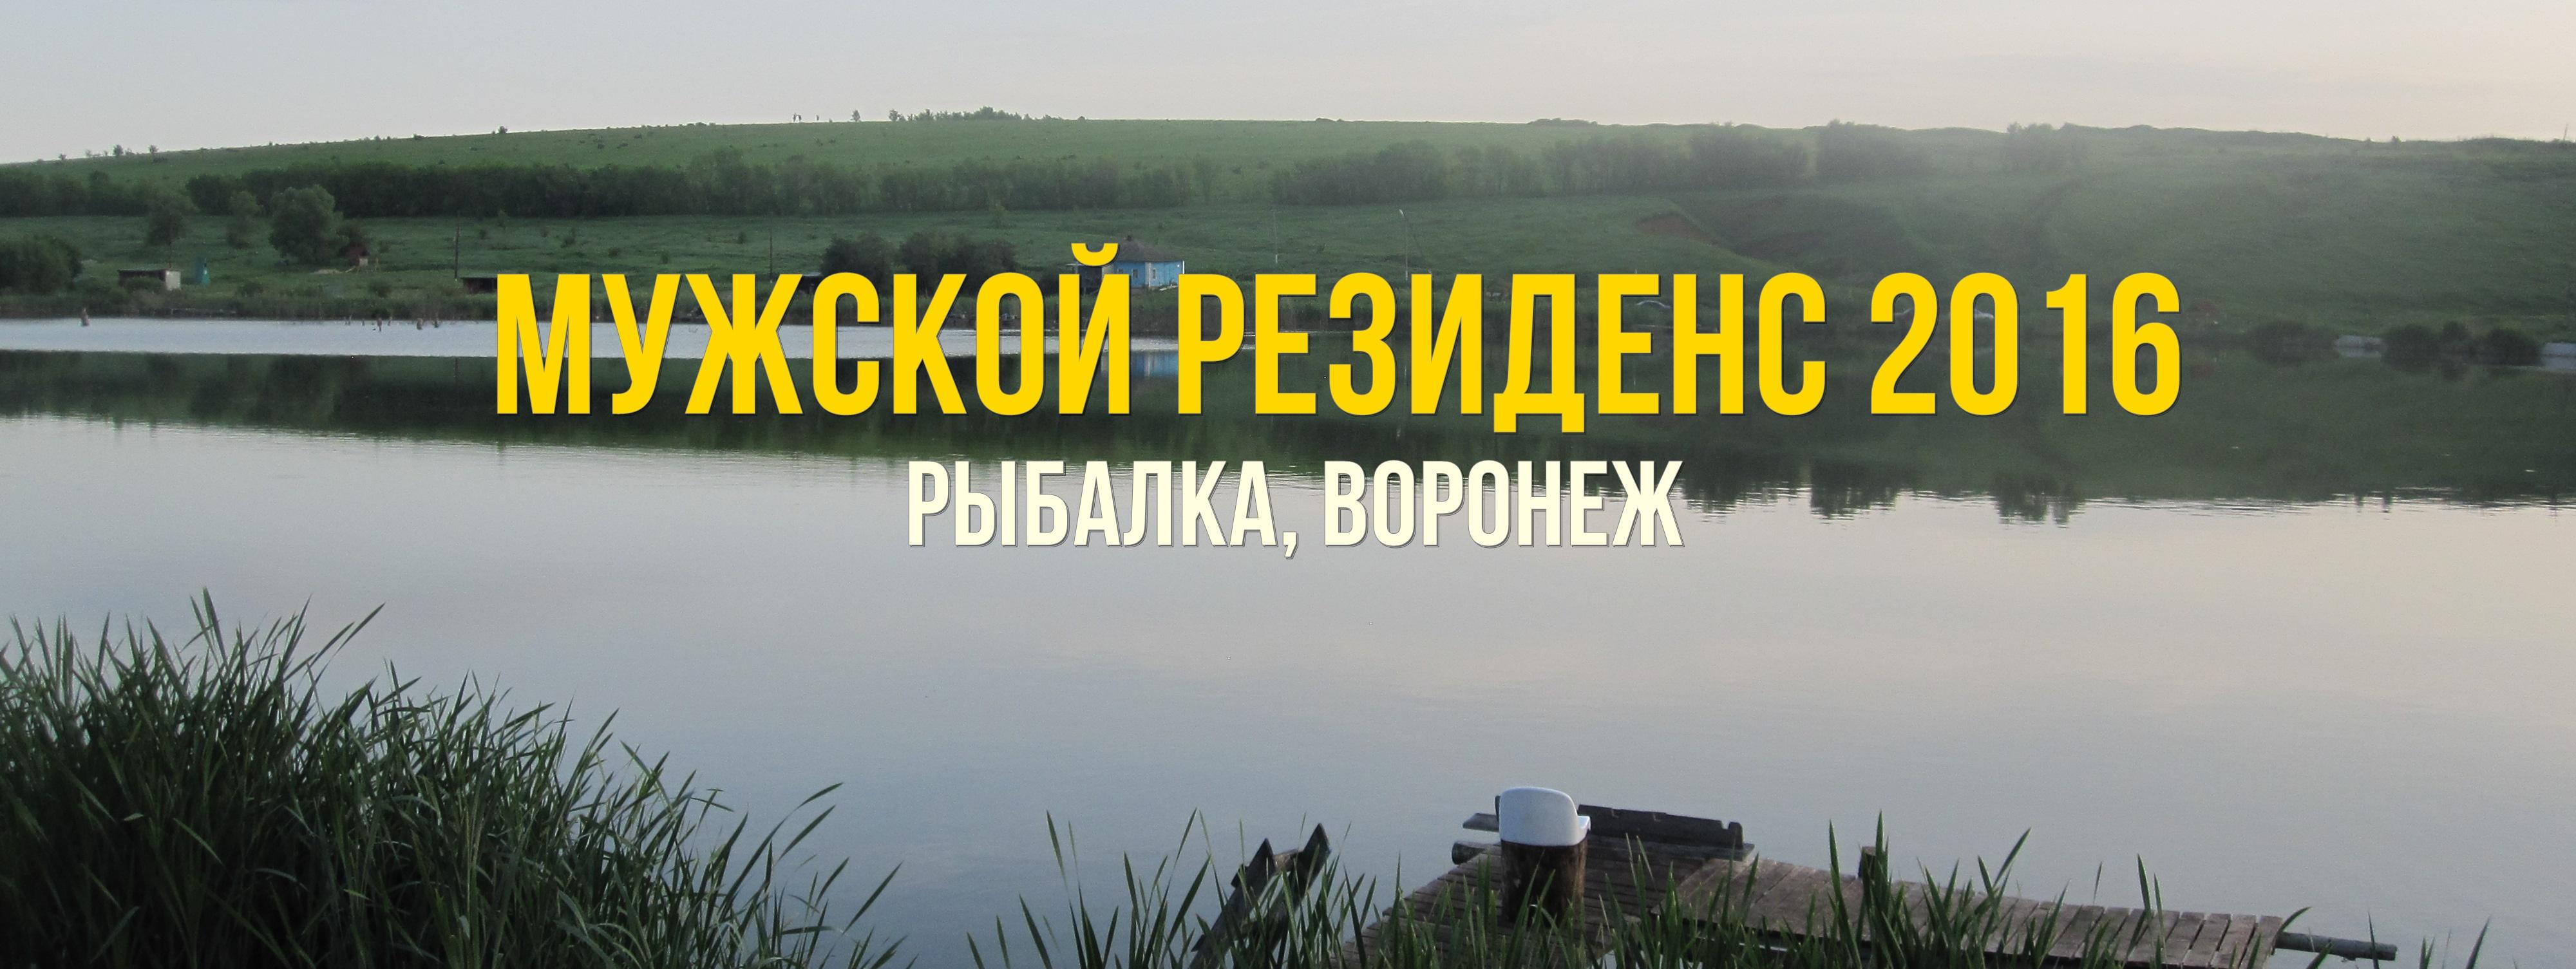 Мужской резиденс 2016